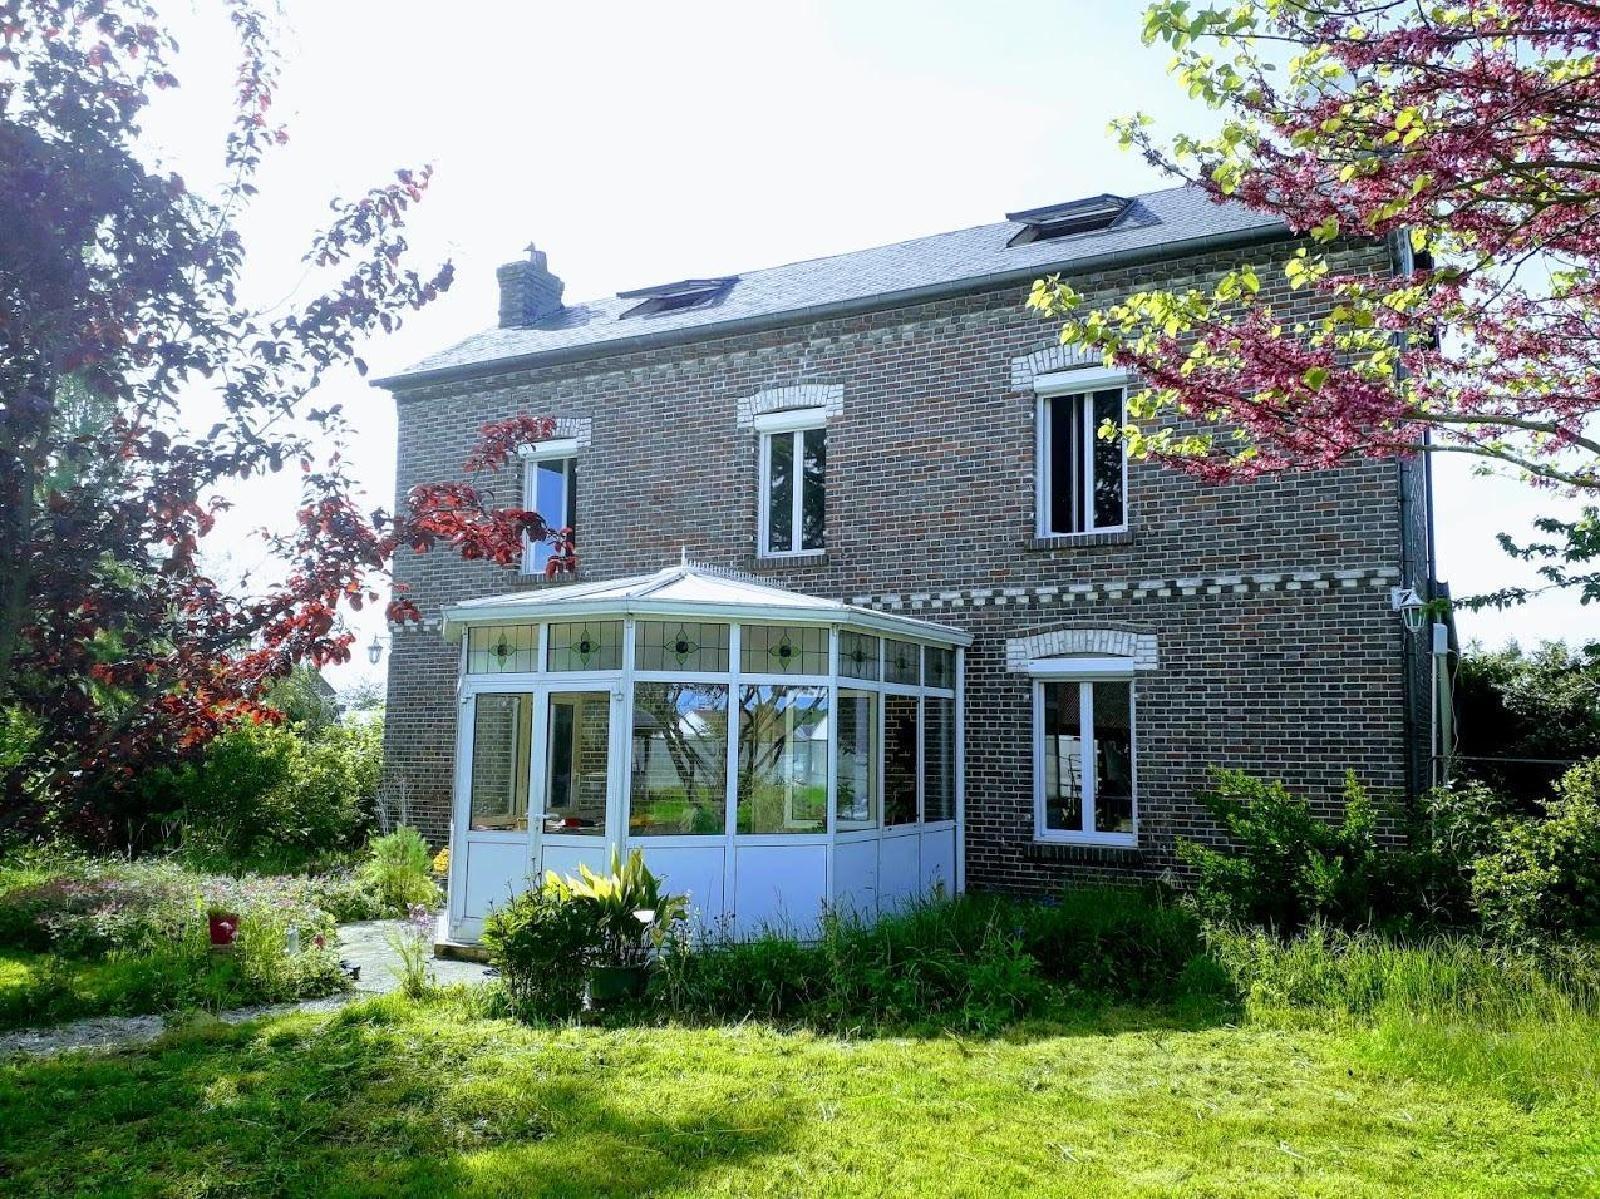 À Vendre | Ventes Immobilier | Immobilier Normandie | Biens ... avec Piscine Jean Bouin Evreux